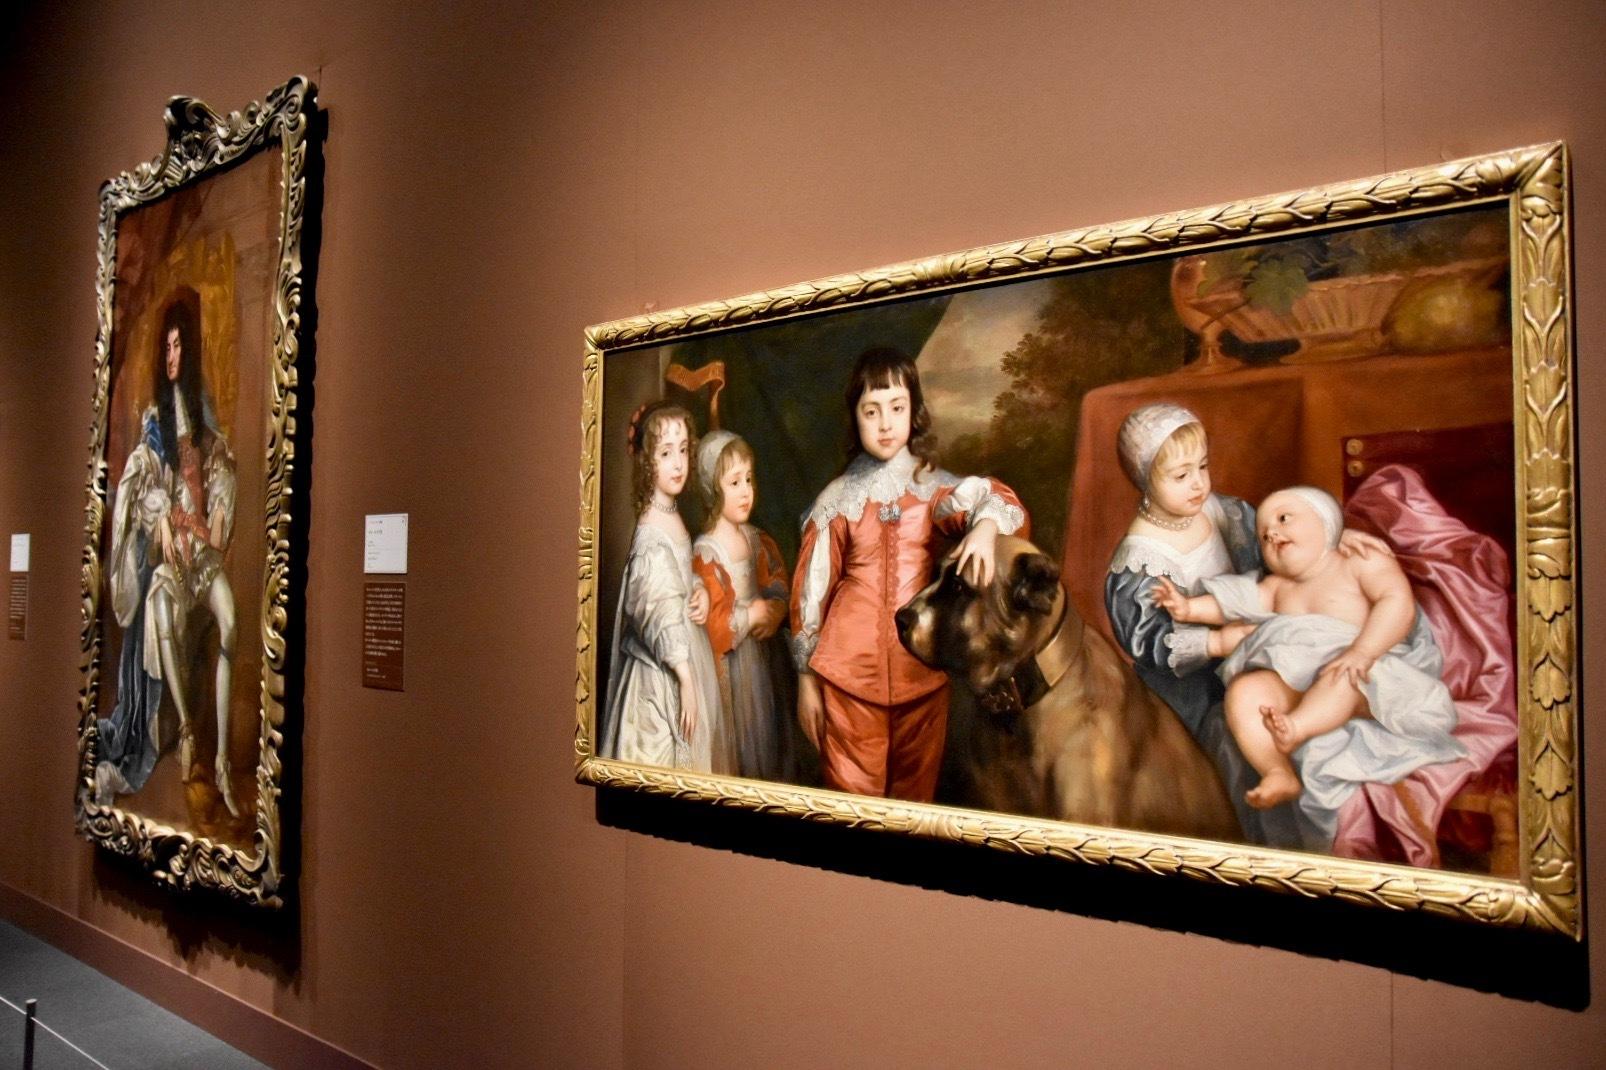 右:作者不詳(アンソニー・ヴァン・ダイクの原作に基づく)《チャールズ1世の5人の子どもたち》17世紀(原作:1637年)